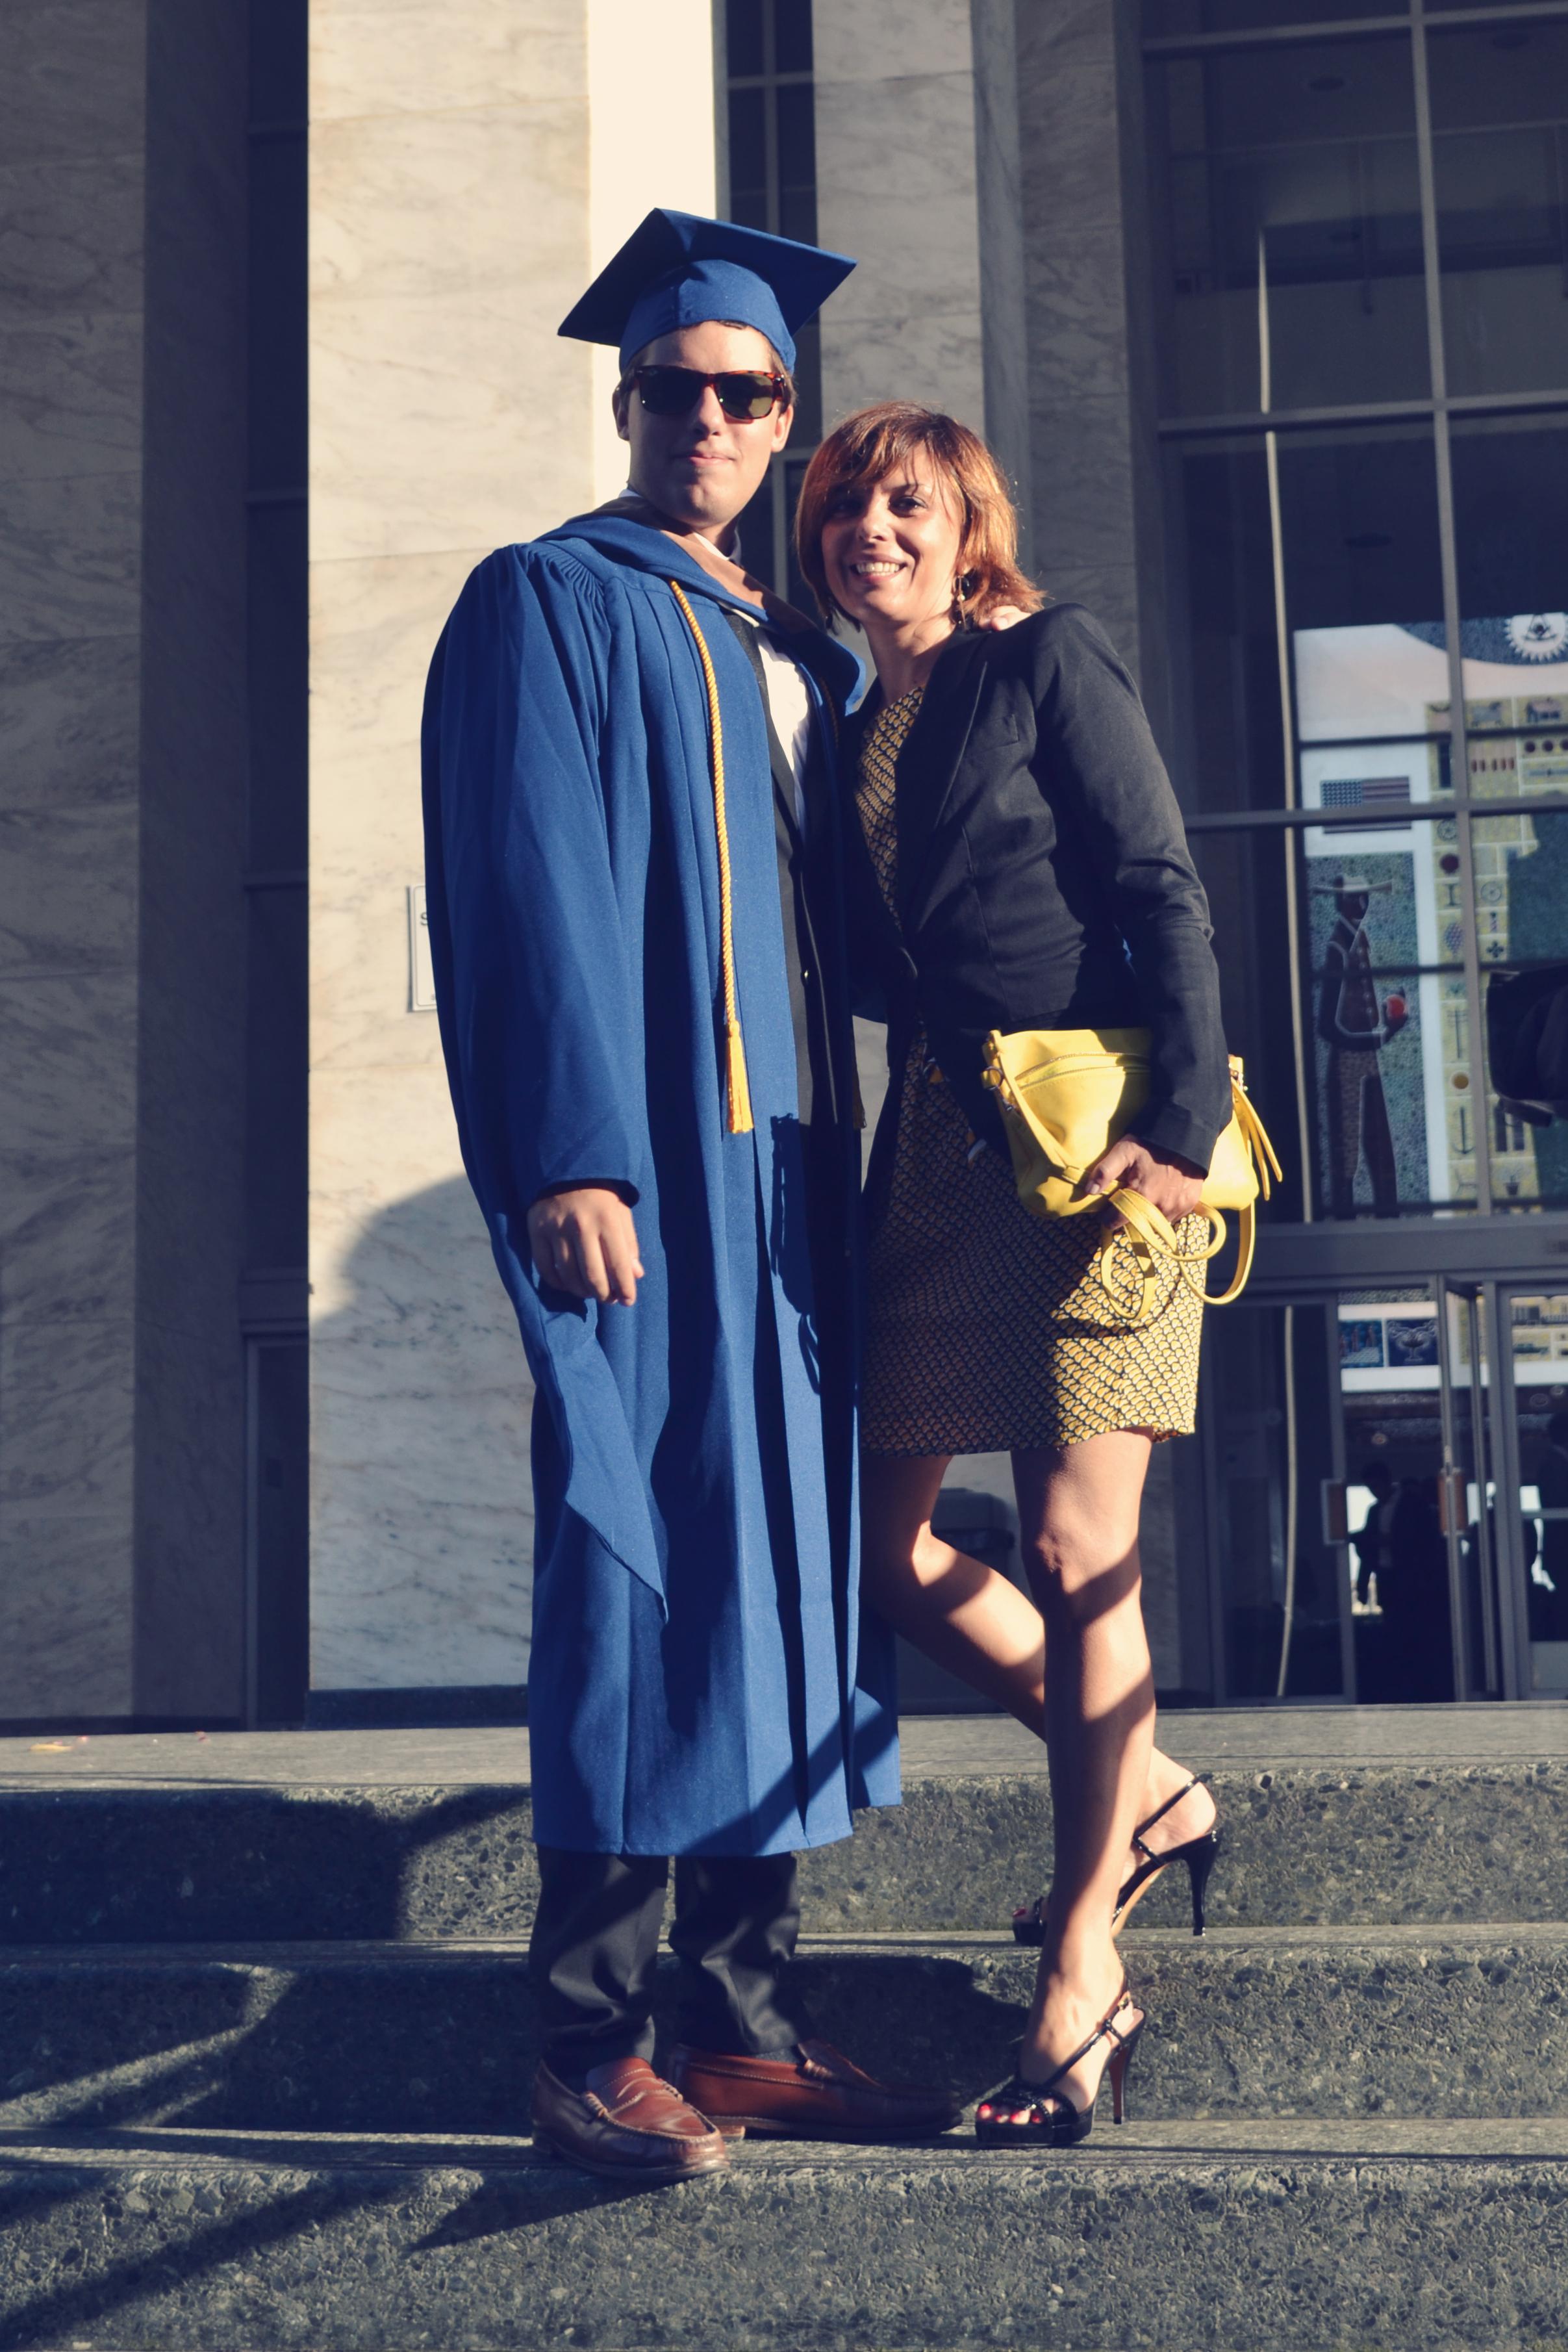 graduation mattia franco.JPG